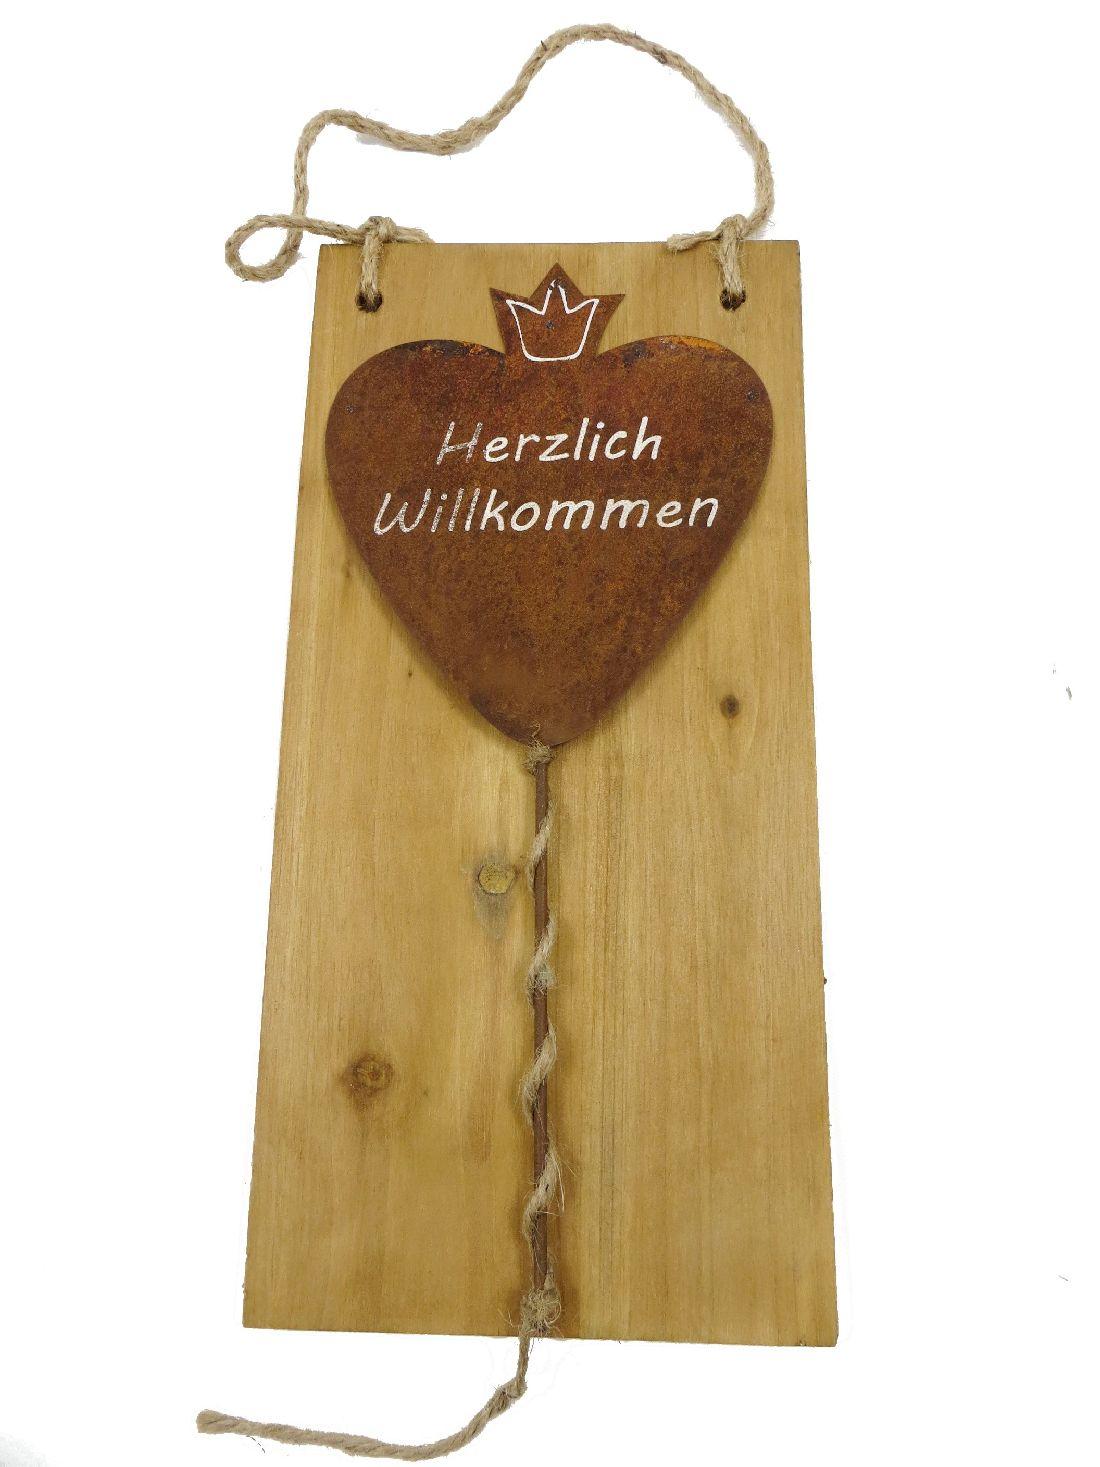 Holzschild mit Rostherz 61540 weiße Schrift 17x34,5cm Herzlich Willkommen